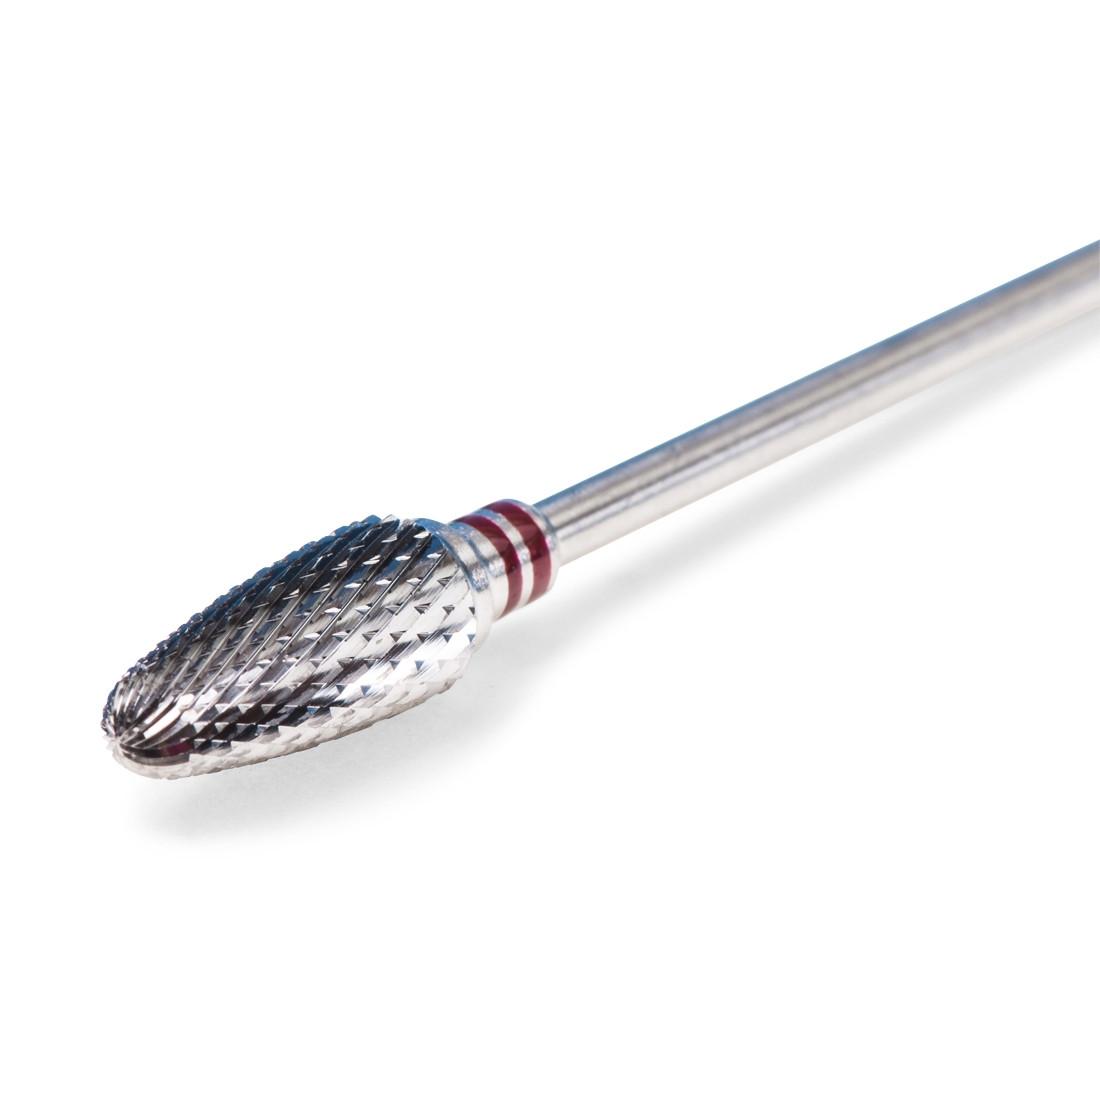 Hartmetall Spitzfräser 6,0 mm linksdrehend - Zoom